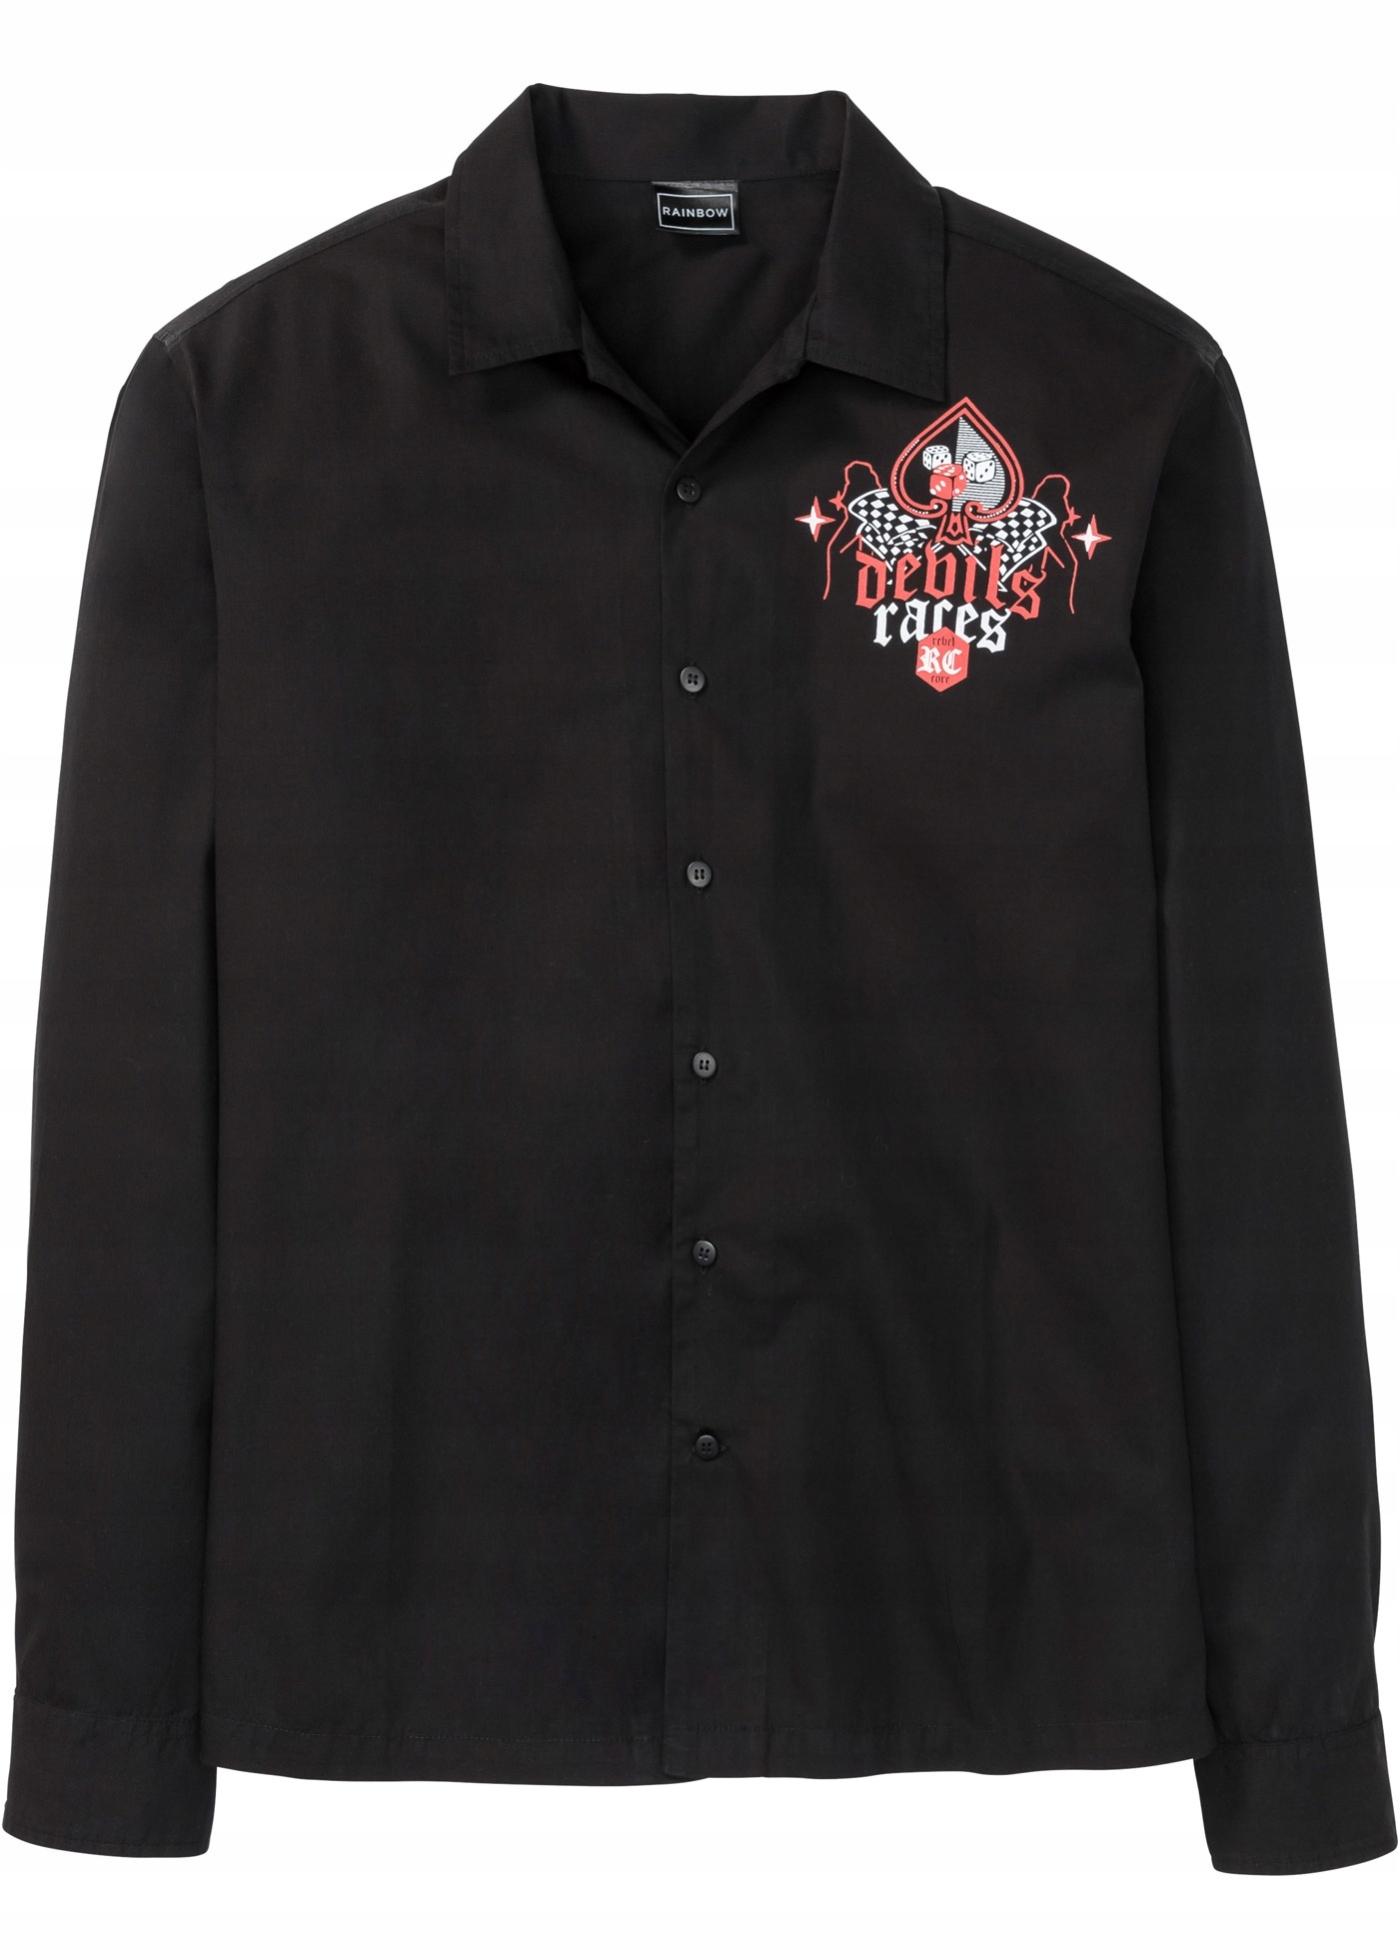 B226 BPC Koszula z nadrukiem, długi rękaw r.47/48